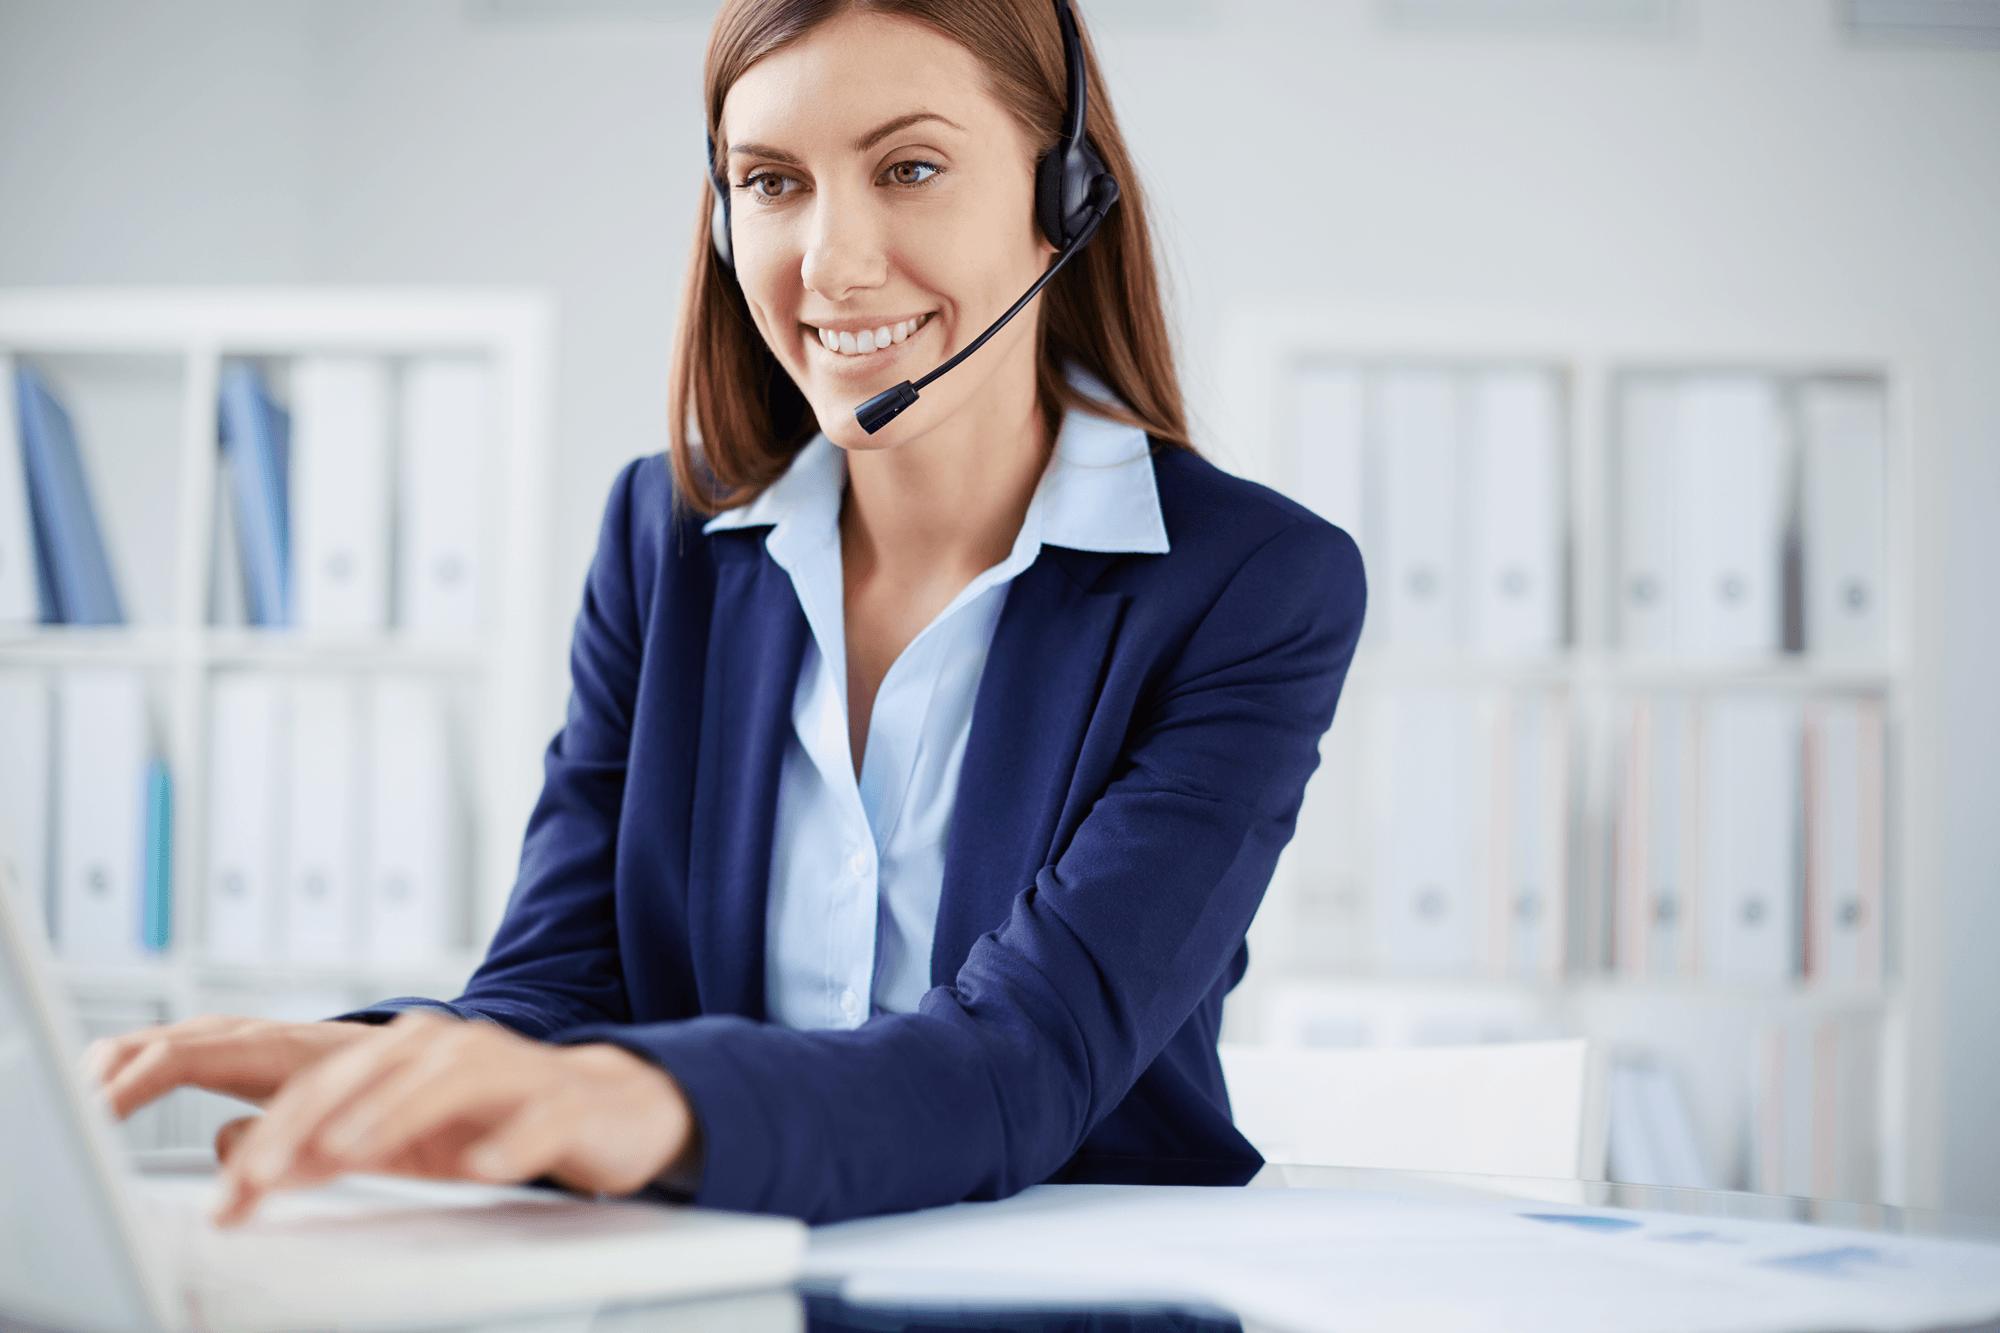 gestione clienti e forza vendita